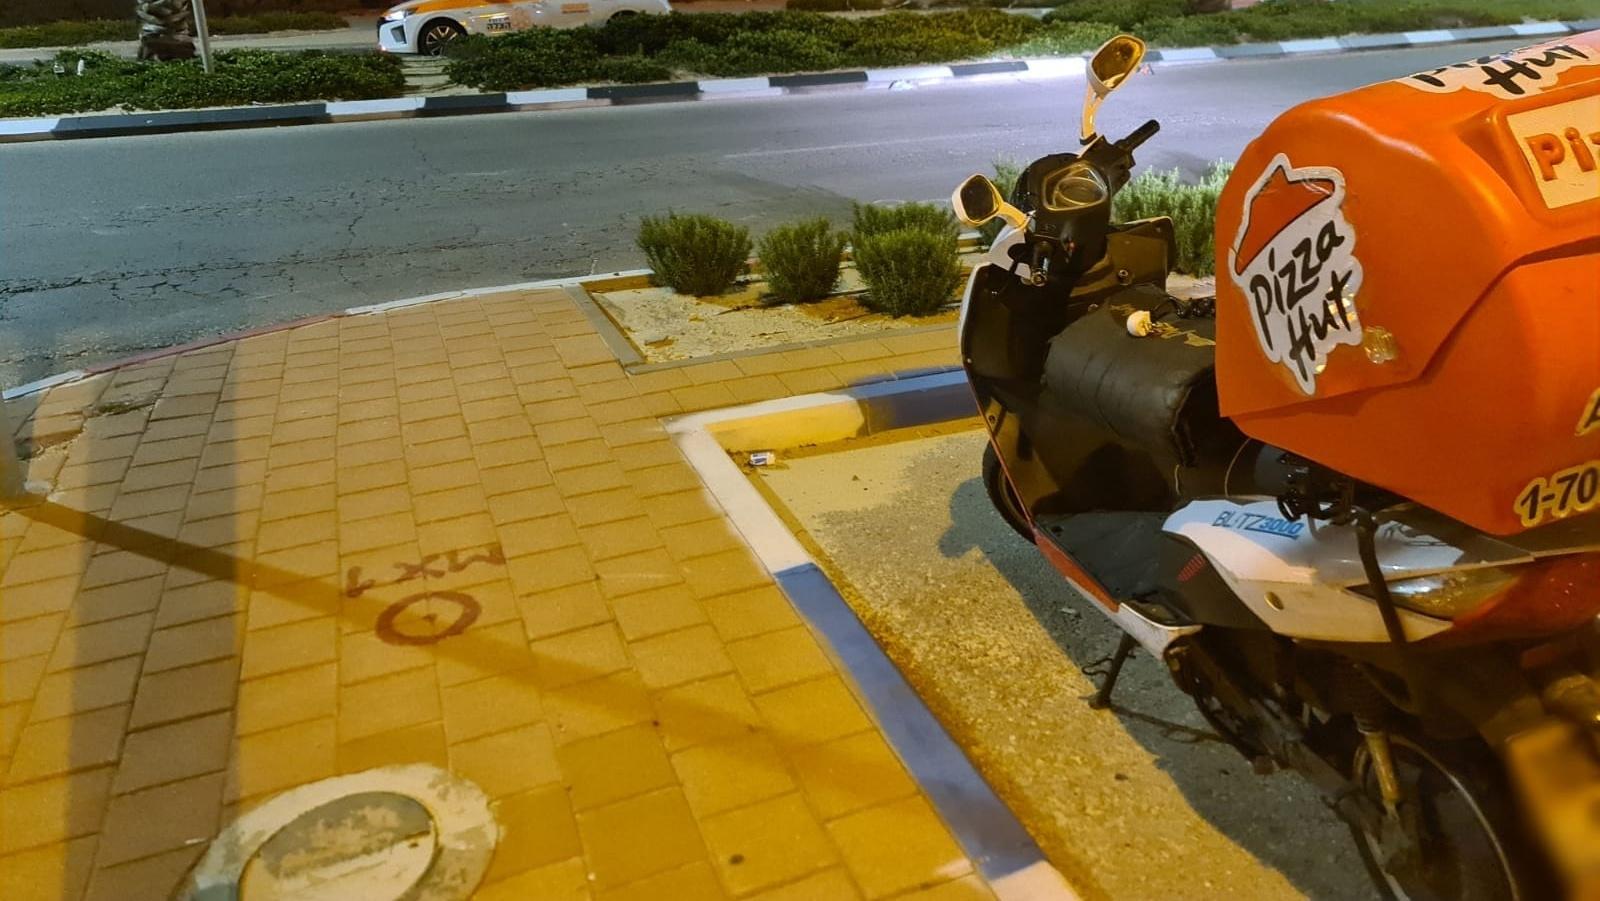 שליח פיצה החליק עם אופנוע באשדוד – מצבו בינוני